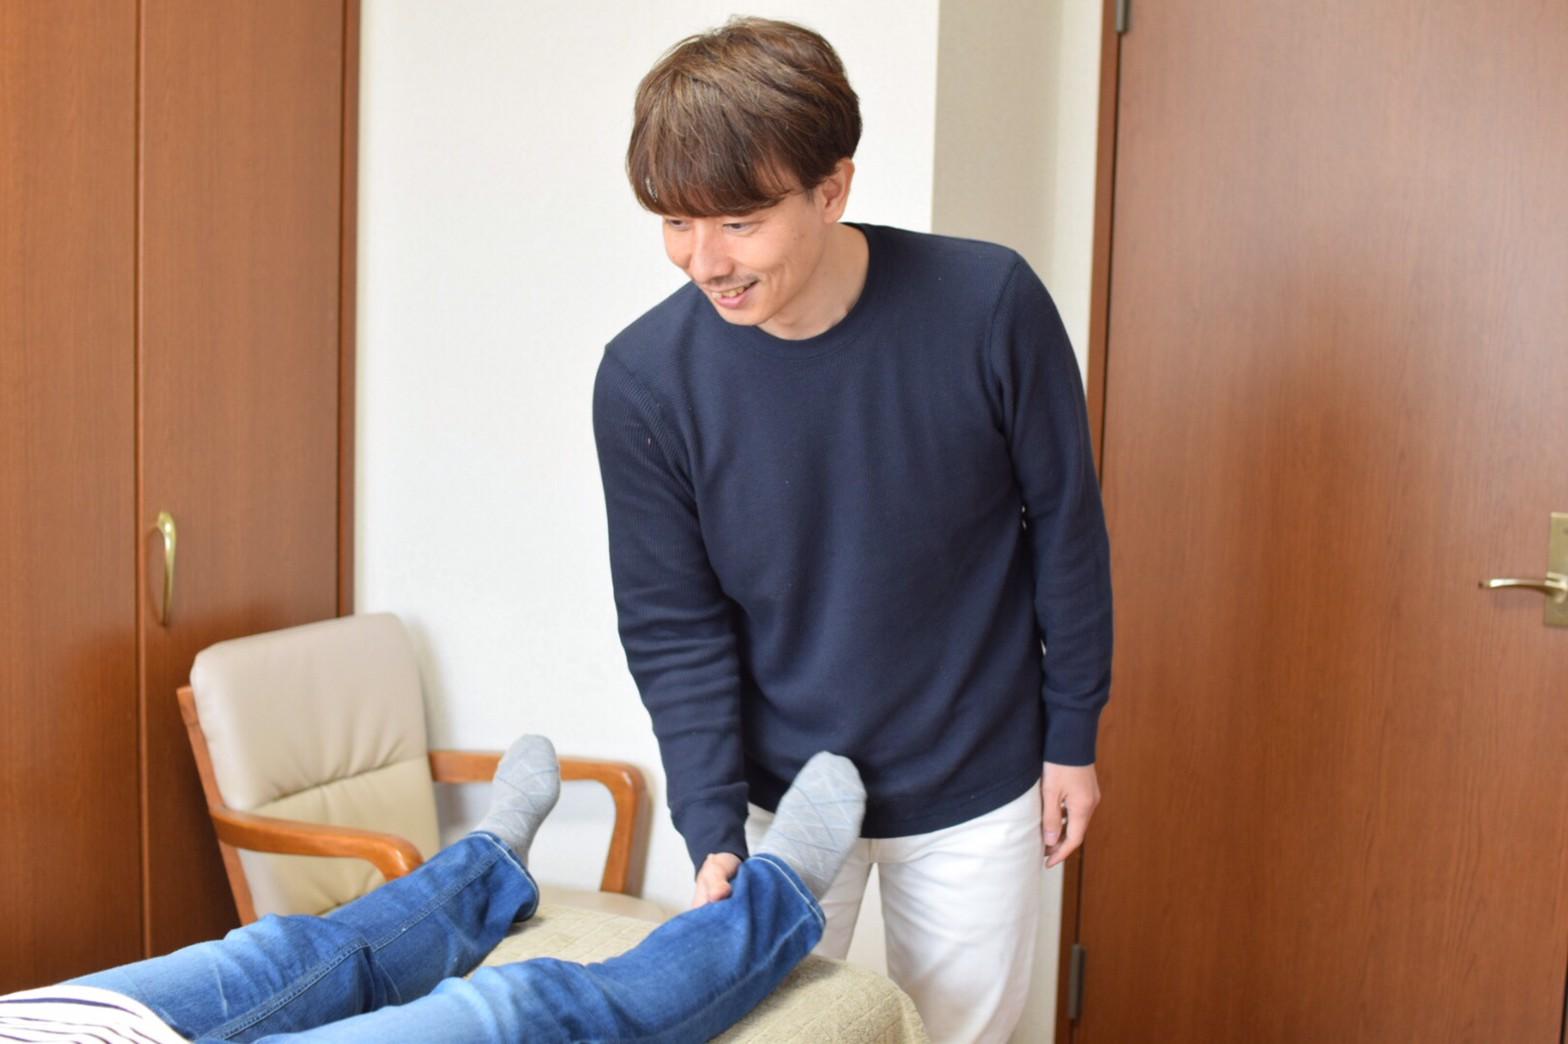 男性のO脚の本当の原因とは